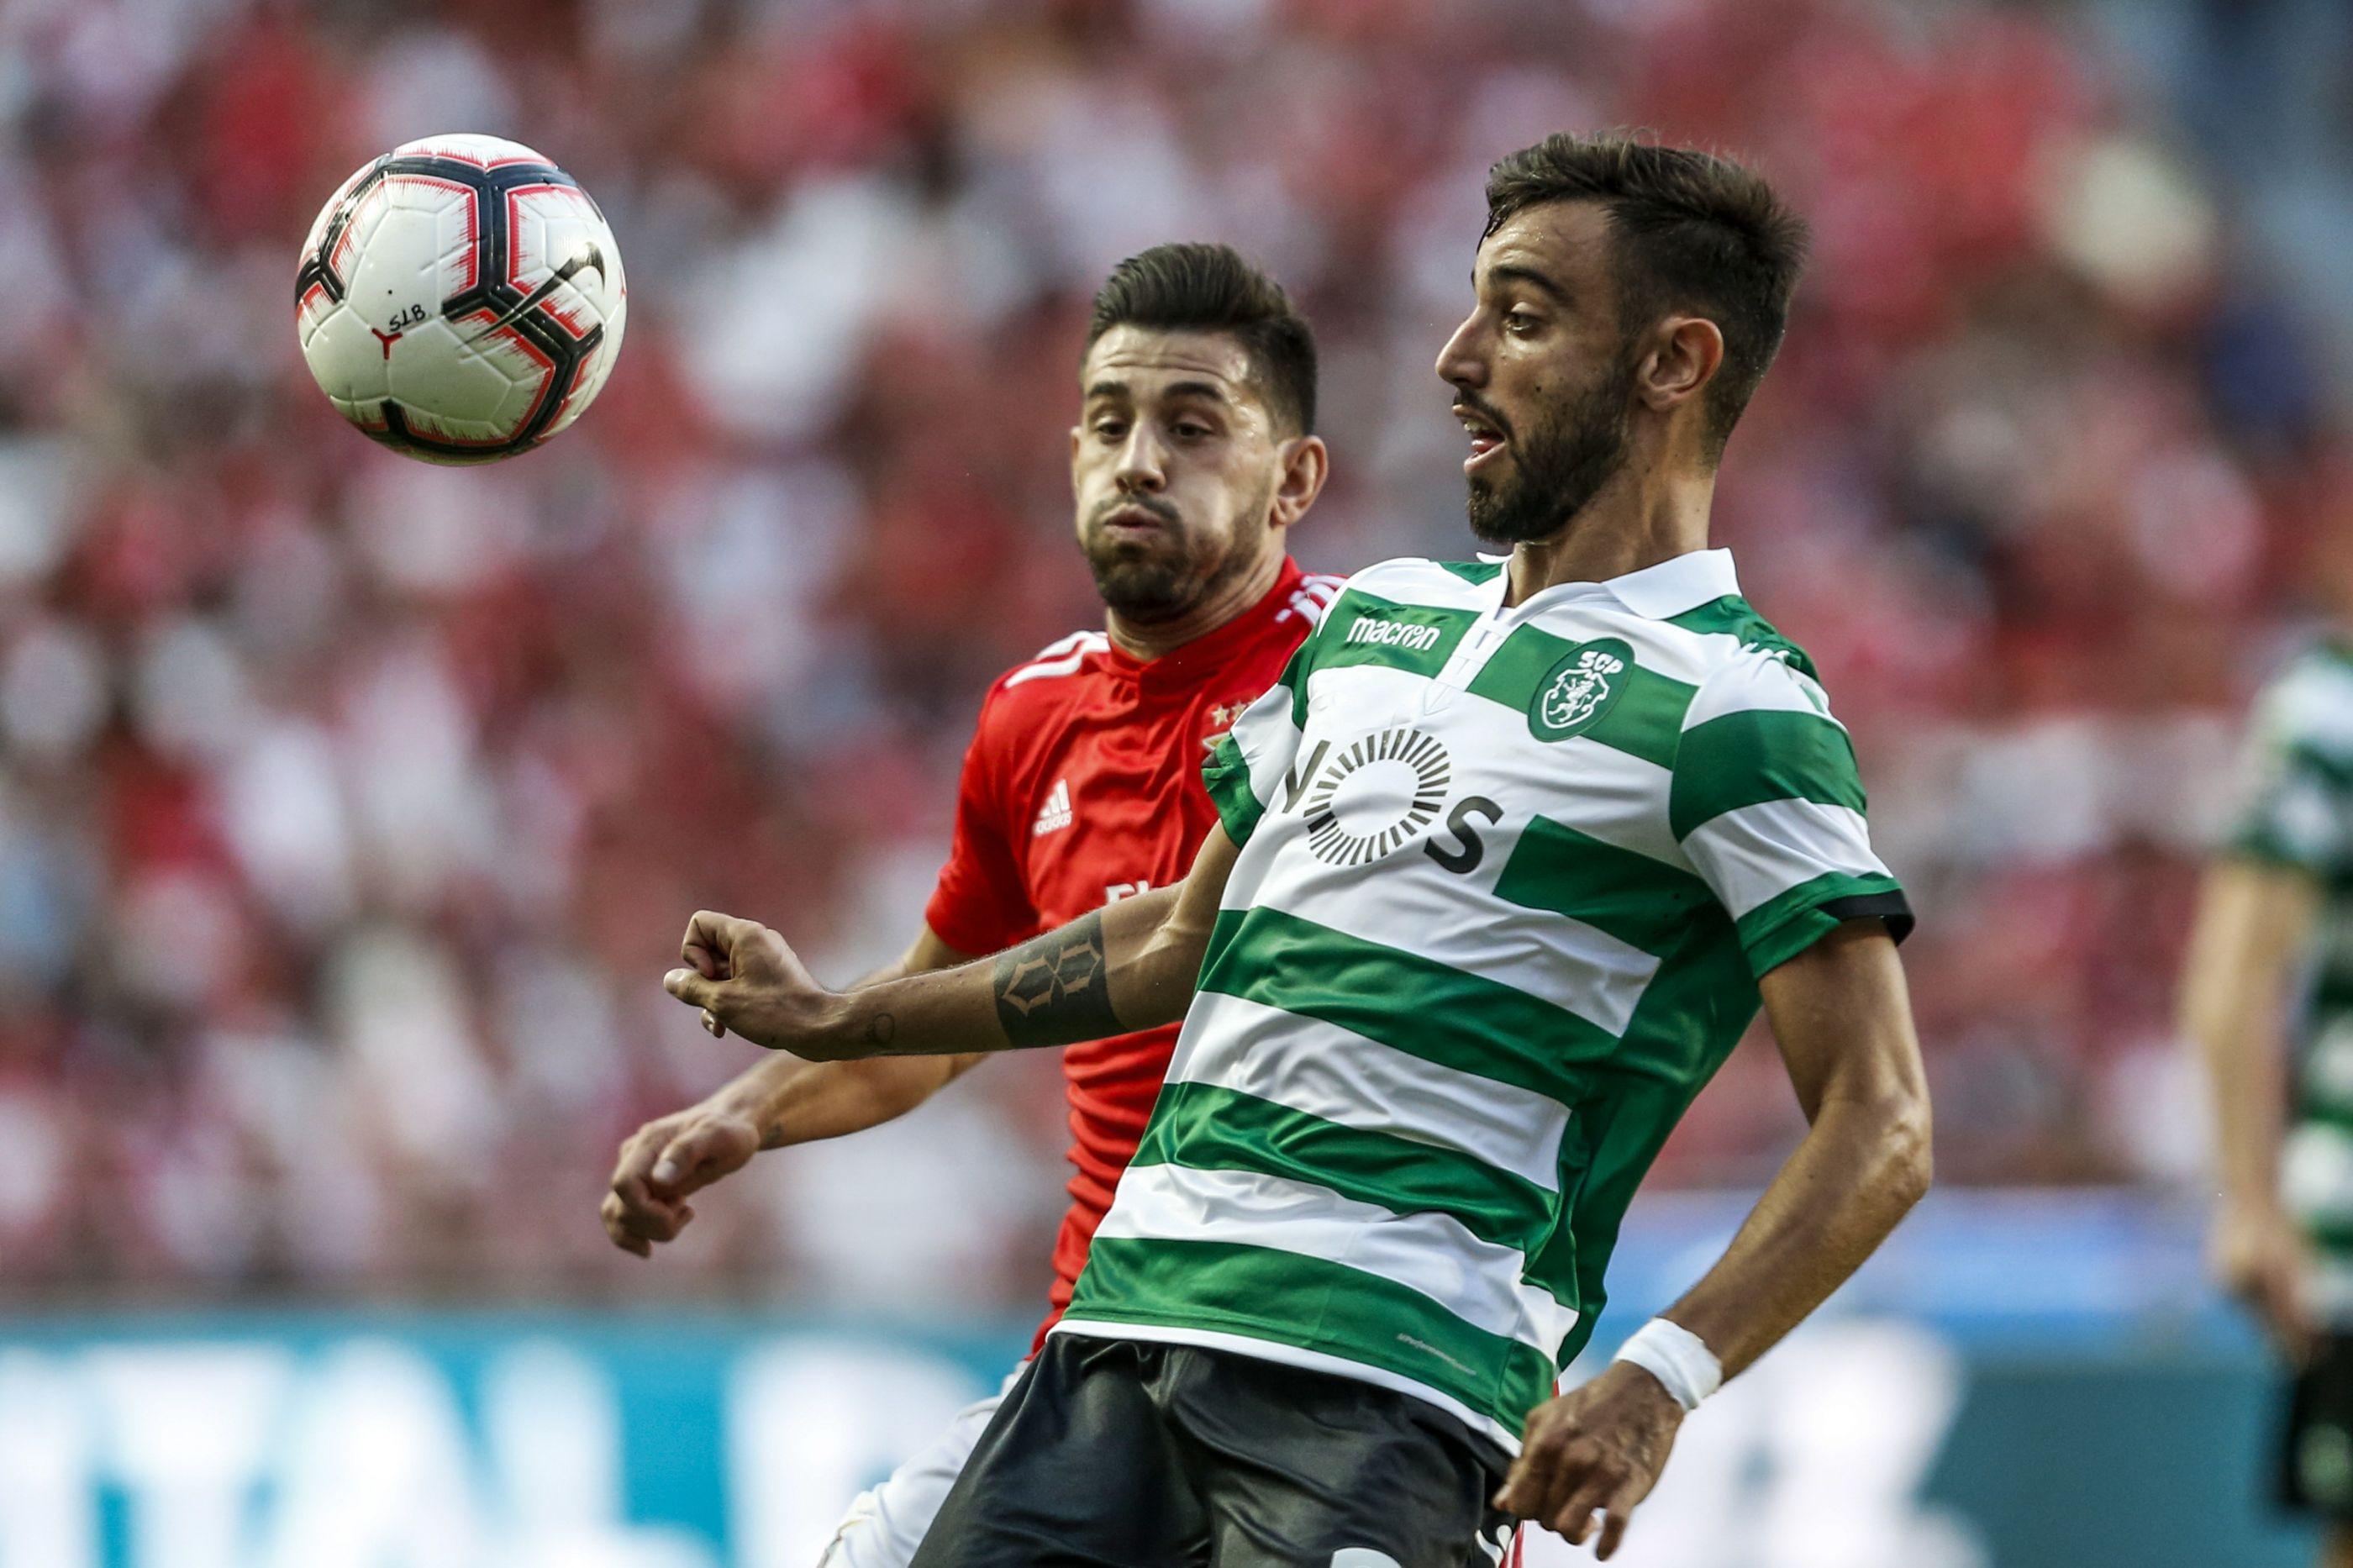 Lesão coloca em risco a presença de Bruno Fernandes no dérbi